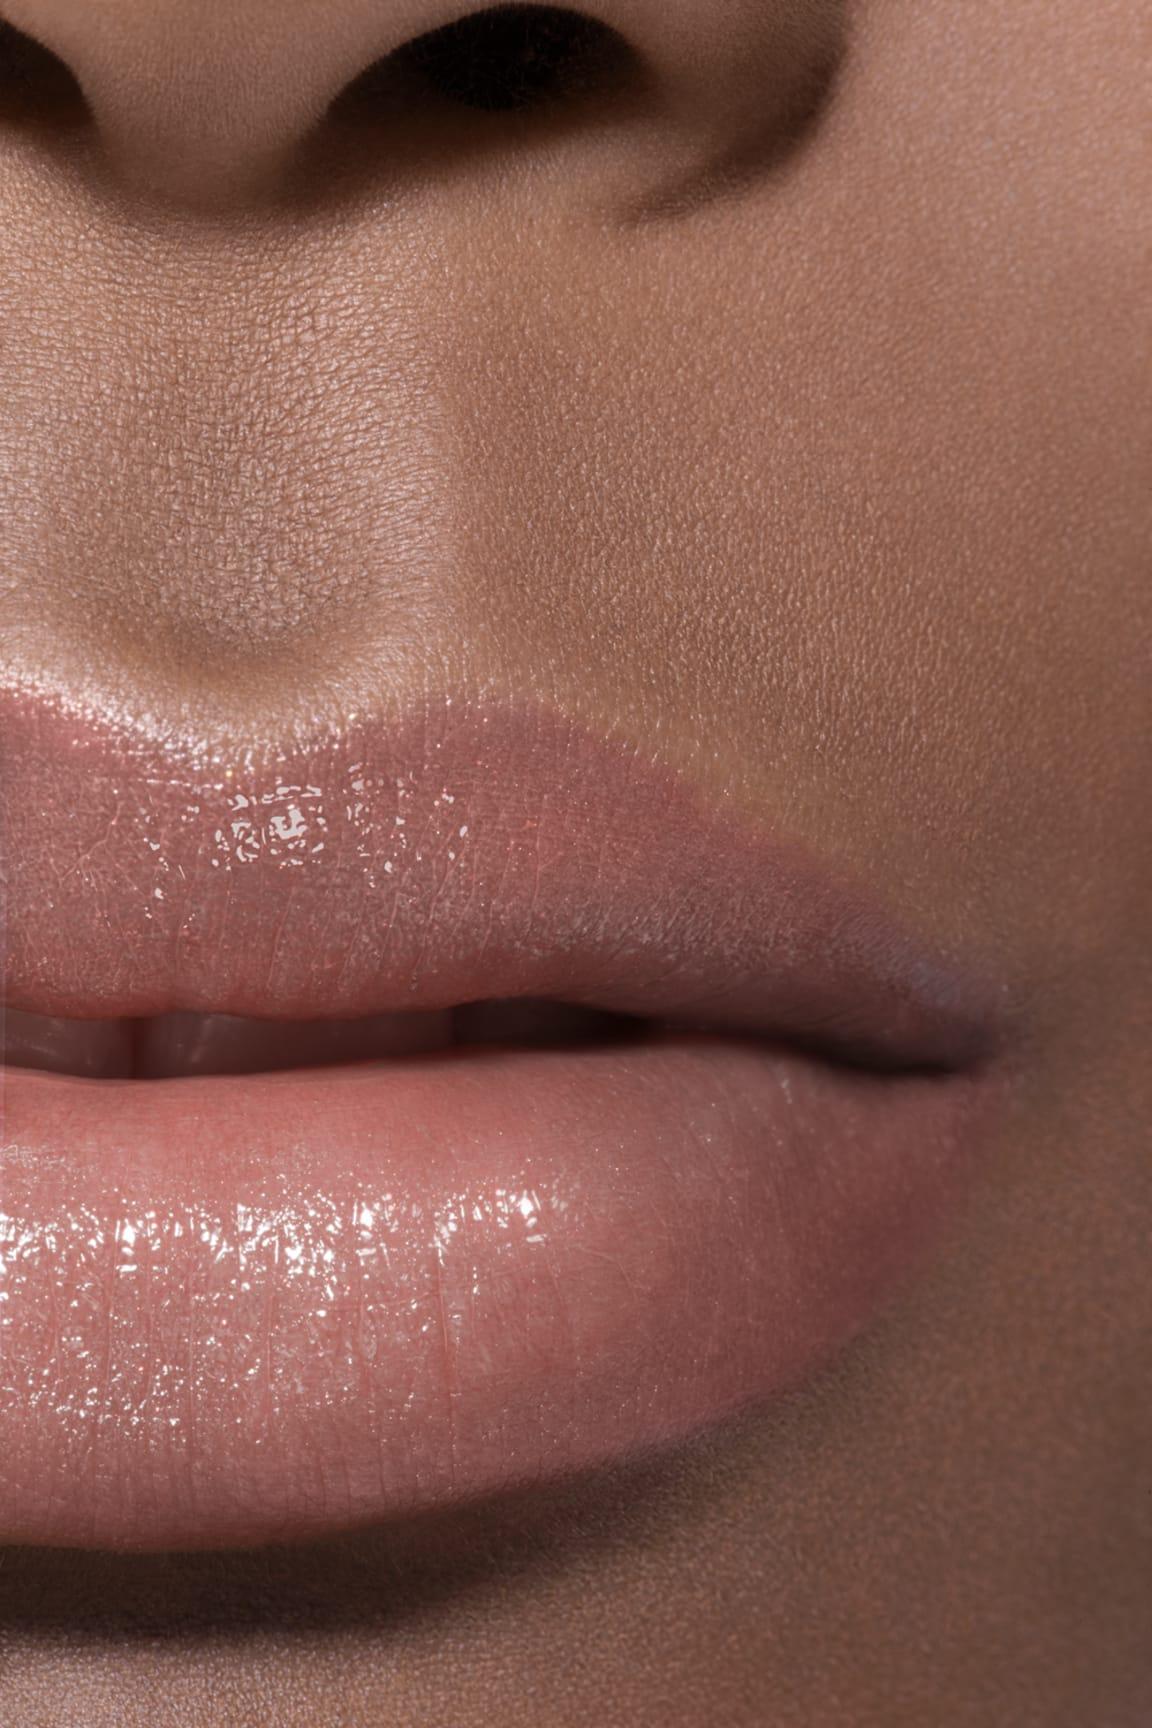 Imagen aplicación de maquillaje 2 - ROUGE COCO FLASH 54 - BOY